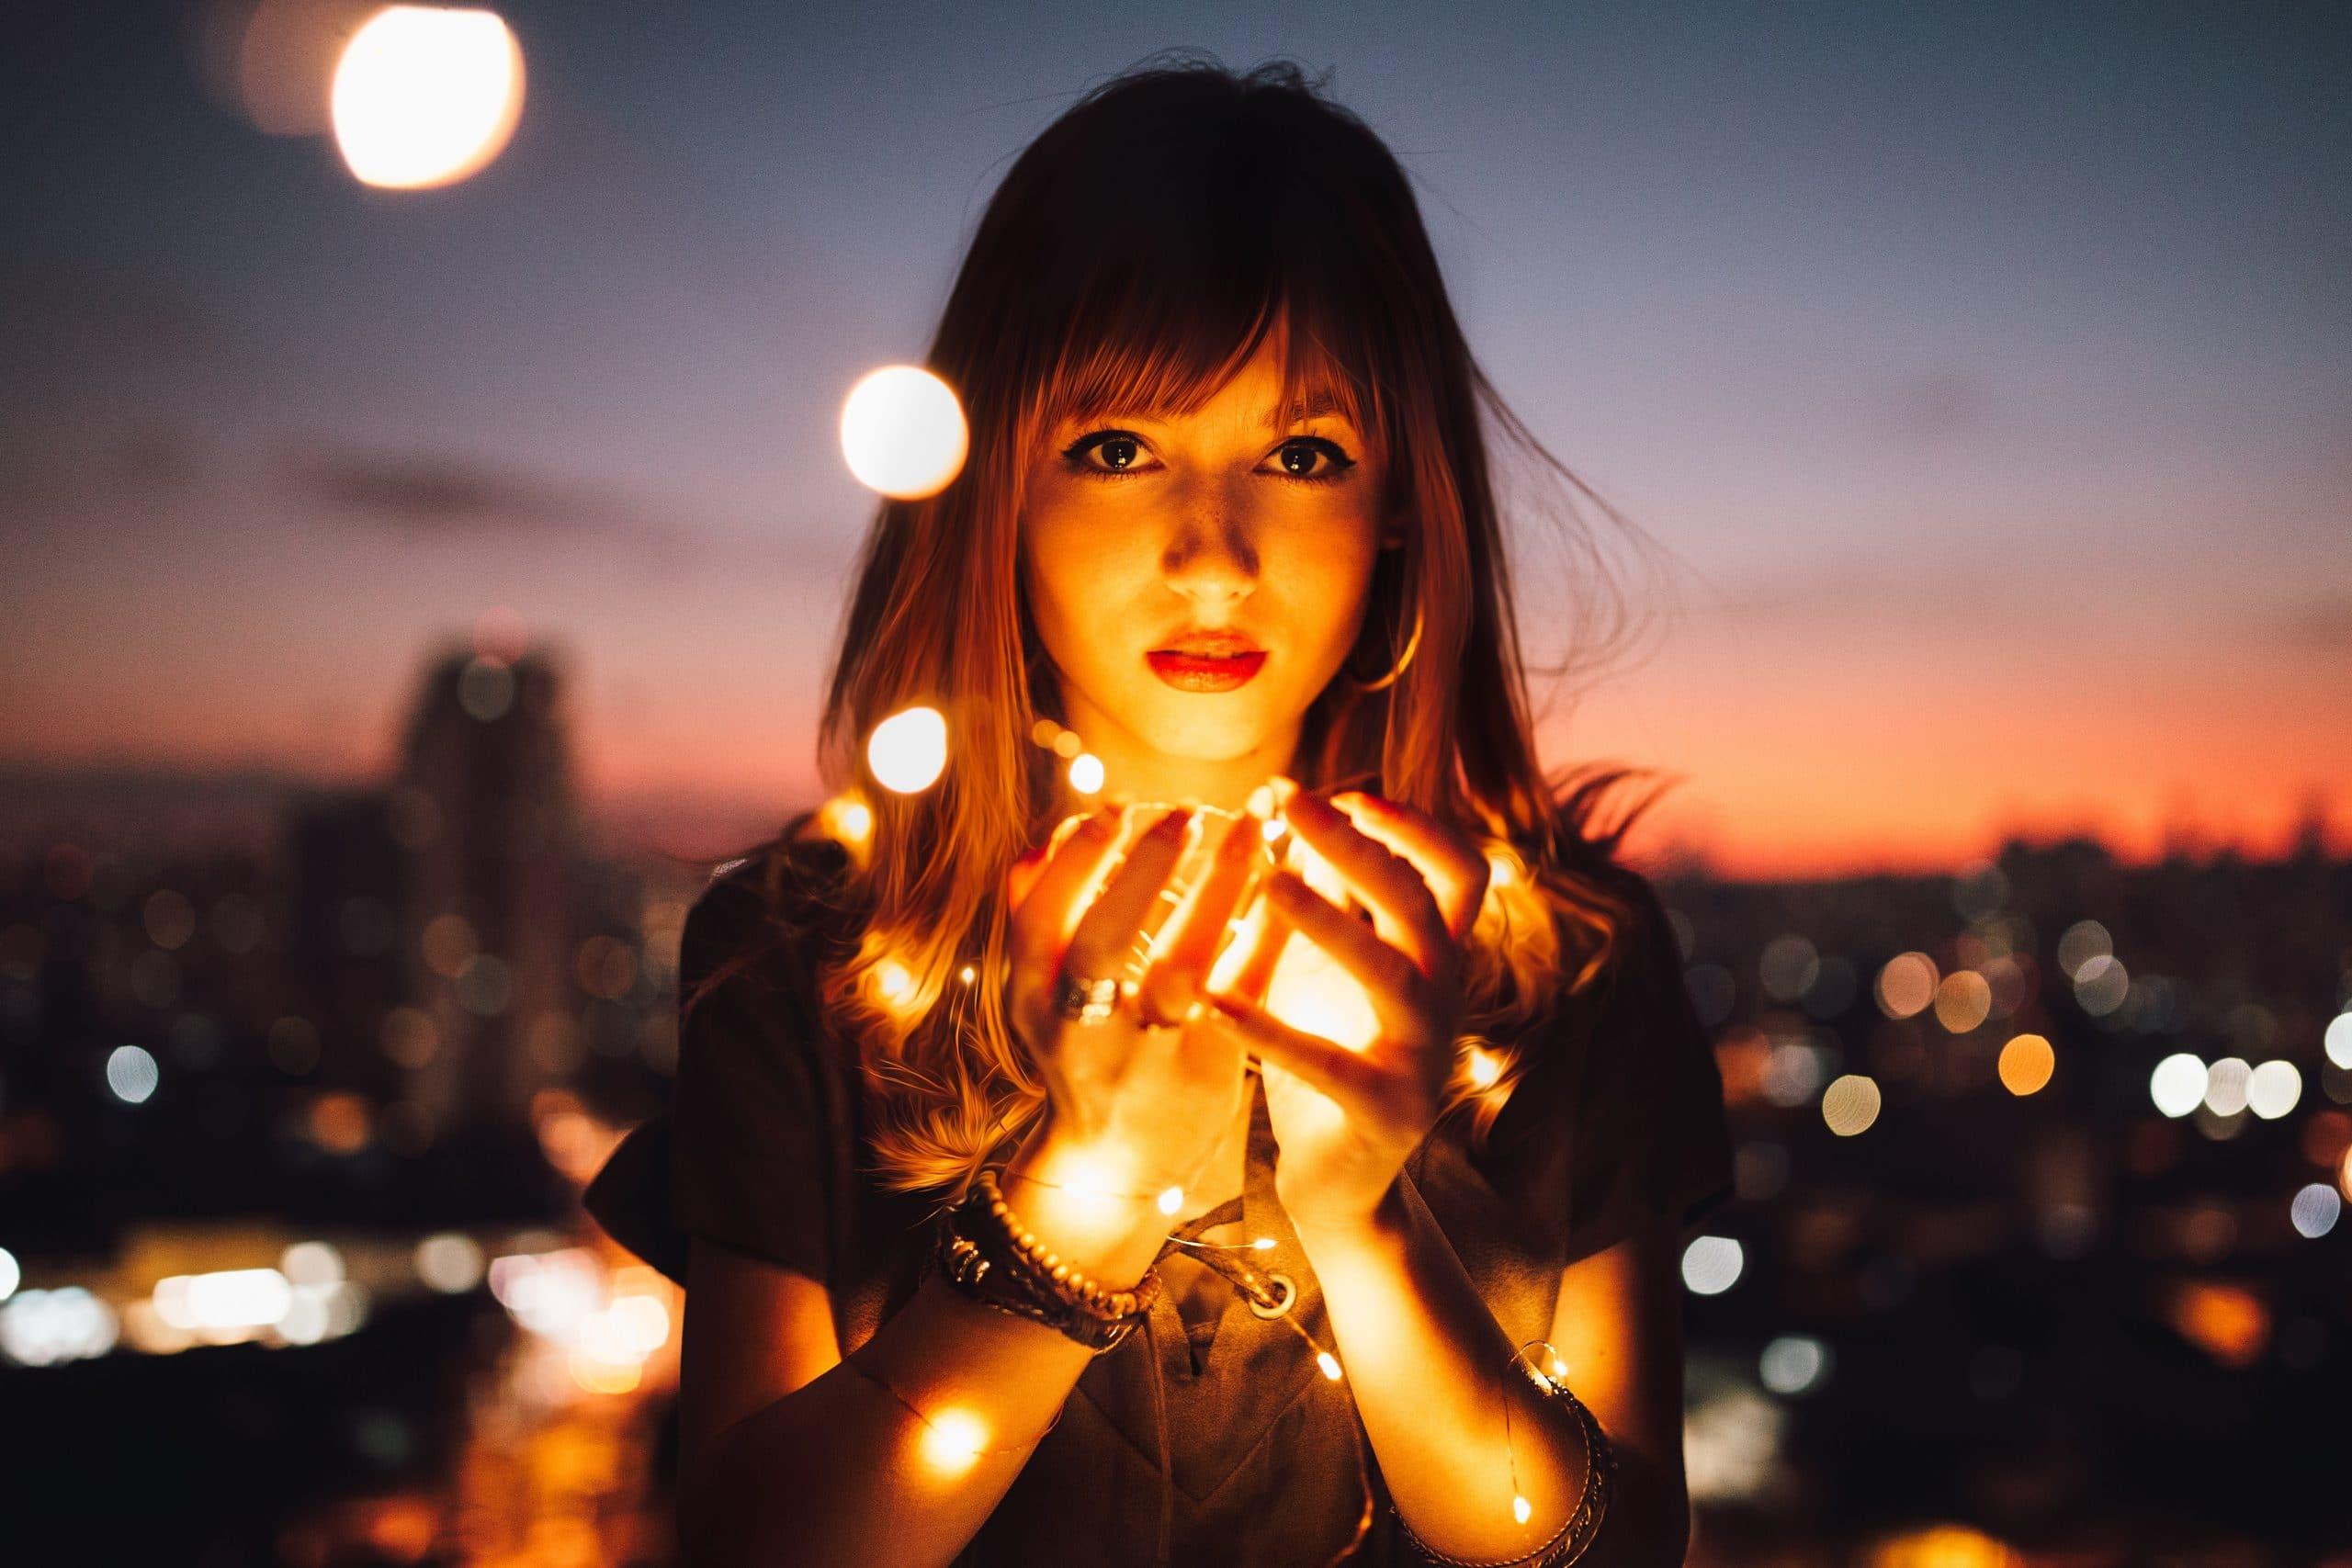 Mulher segurando luzes nas mãos em frente a uma cidade durante a noite.